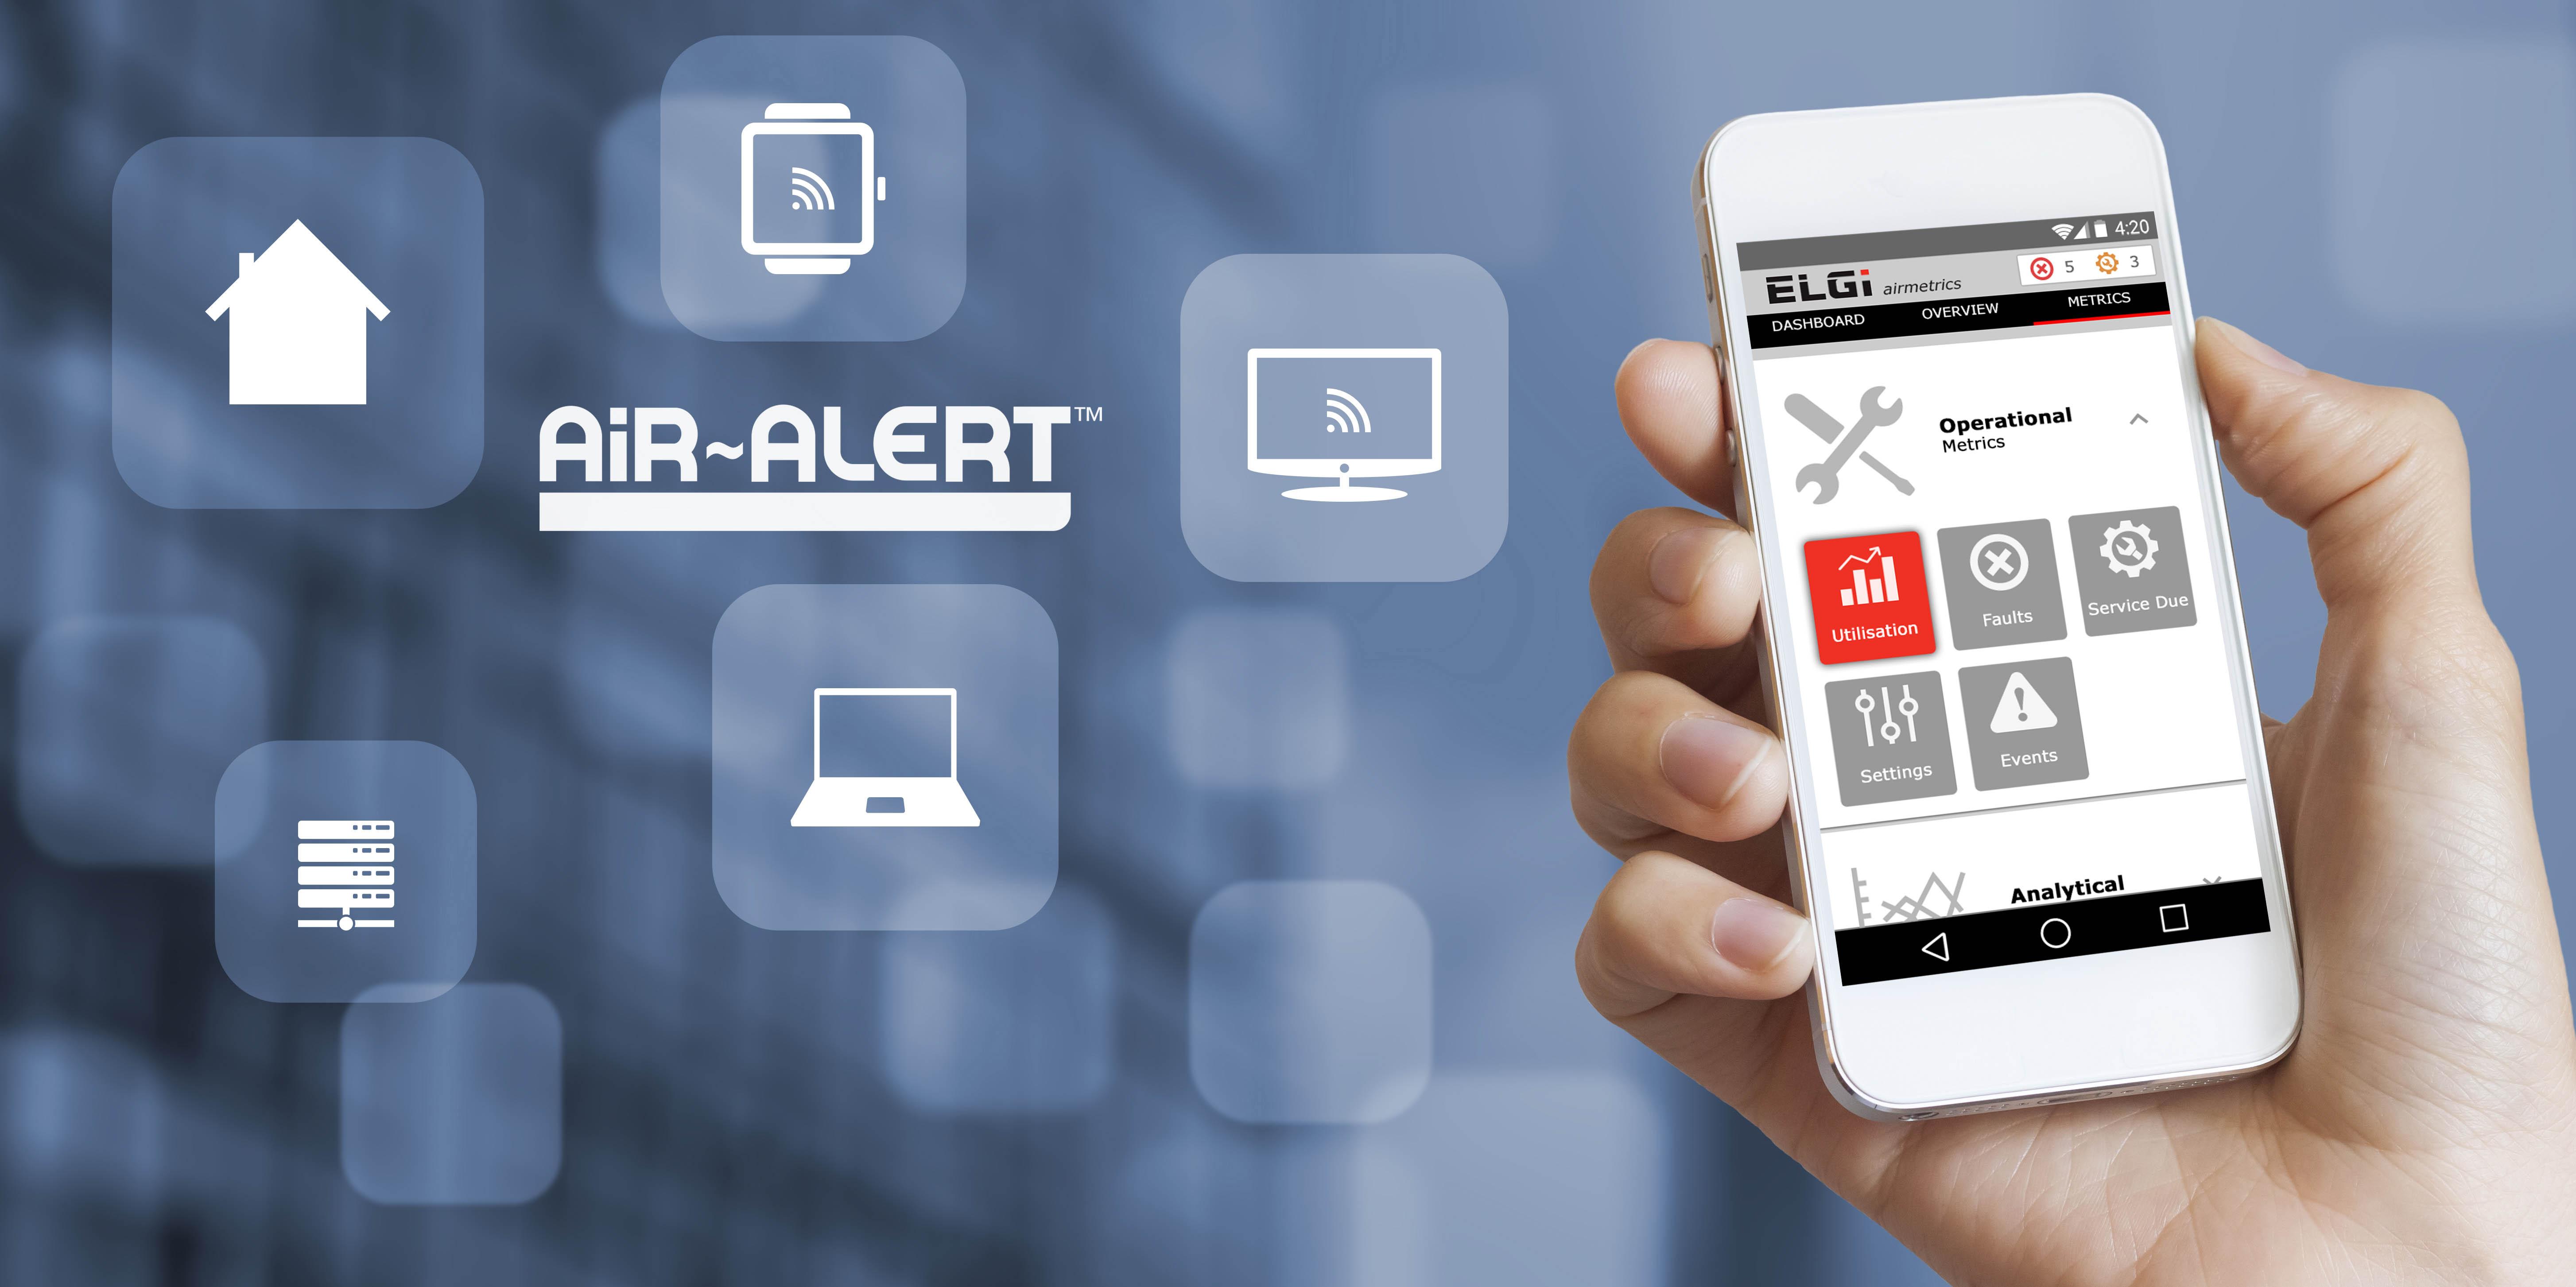 Air Alert: Product Showcase